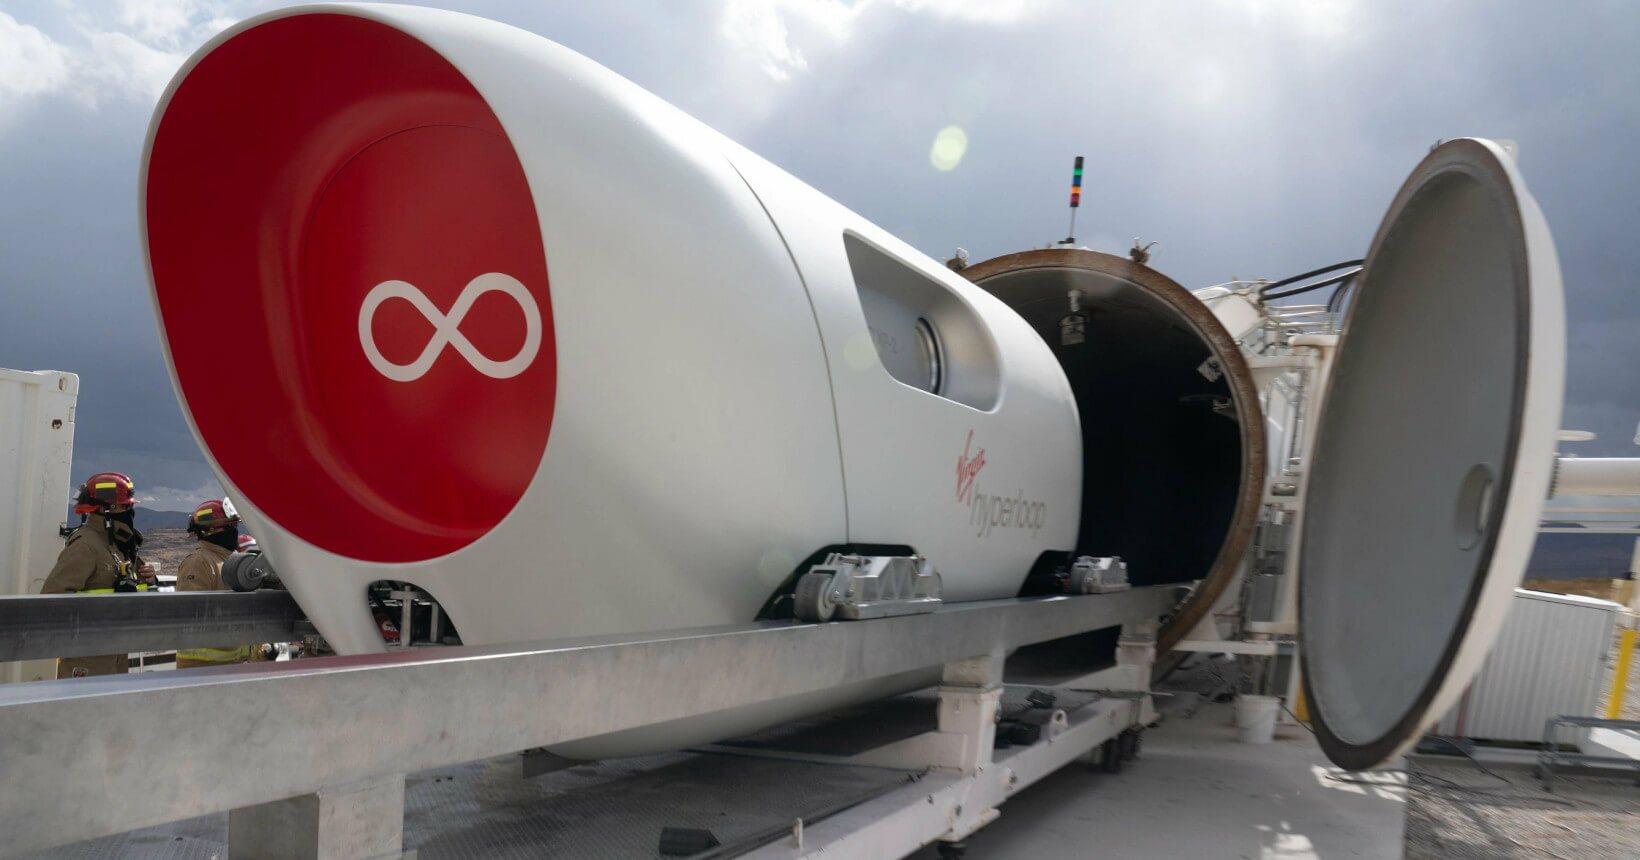 Sistema de transporte a vácuo do Hyperloop batizado de Pegasus usa levitação magnética